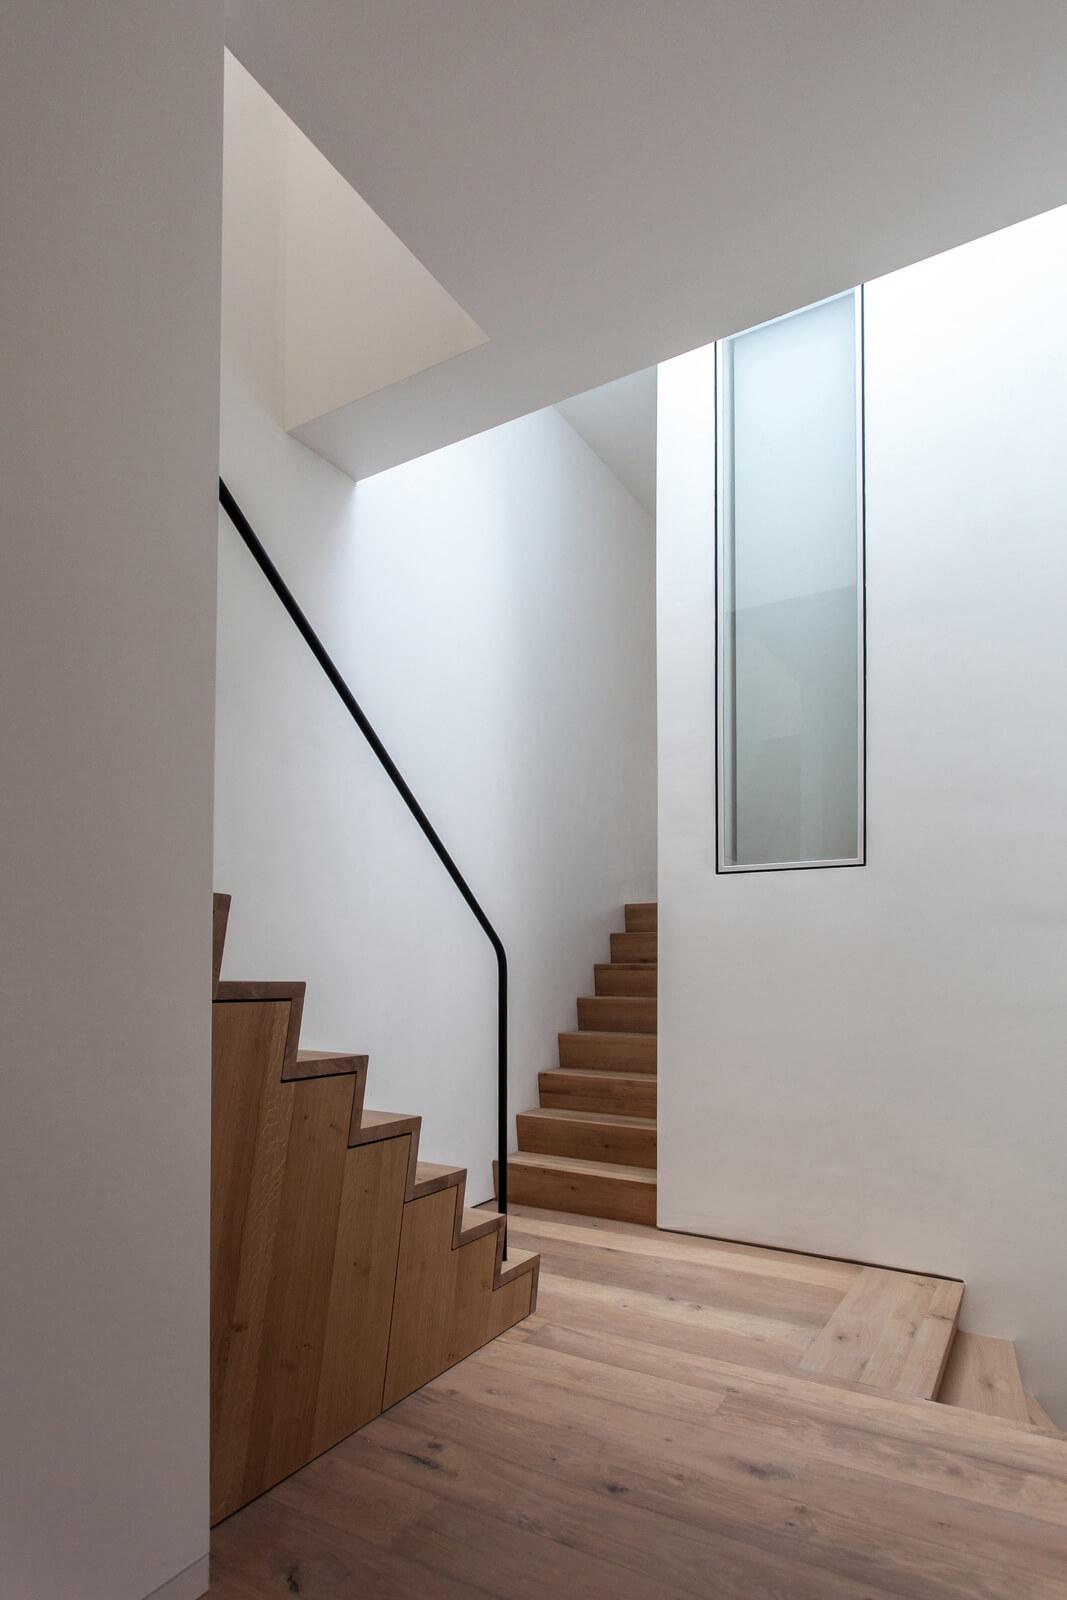 Lumière naturelle et ventilation avec les produits Glazing Vision